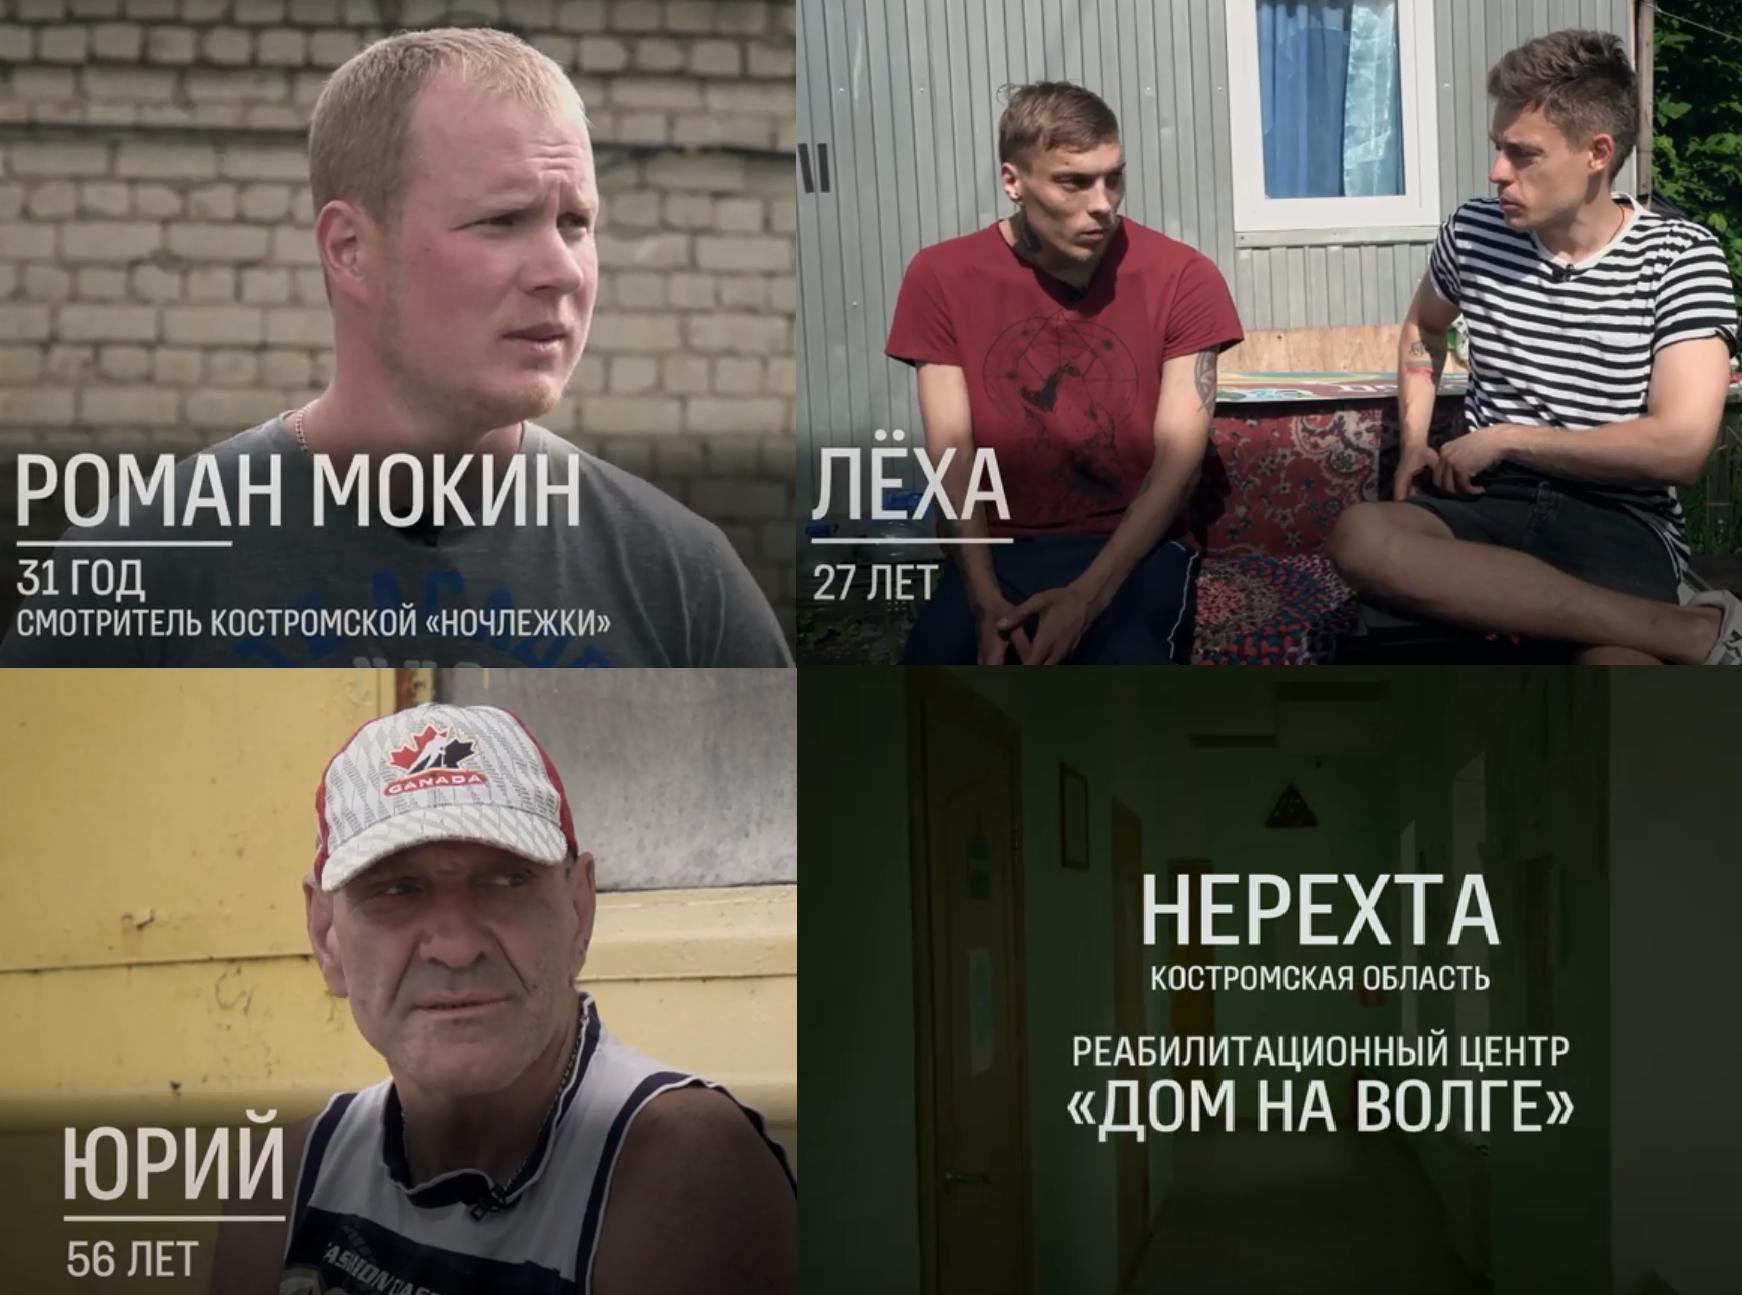 Жители Костромской области стали героями нового фильма Юрия Дудя